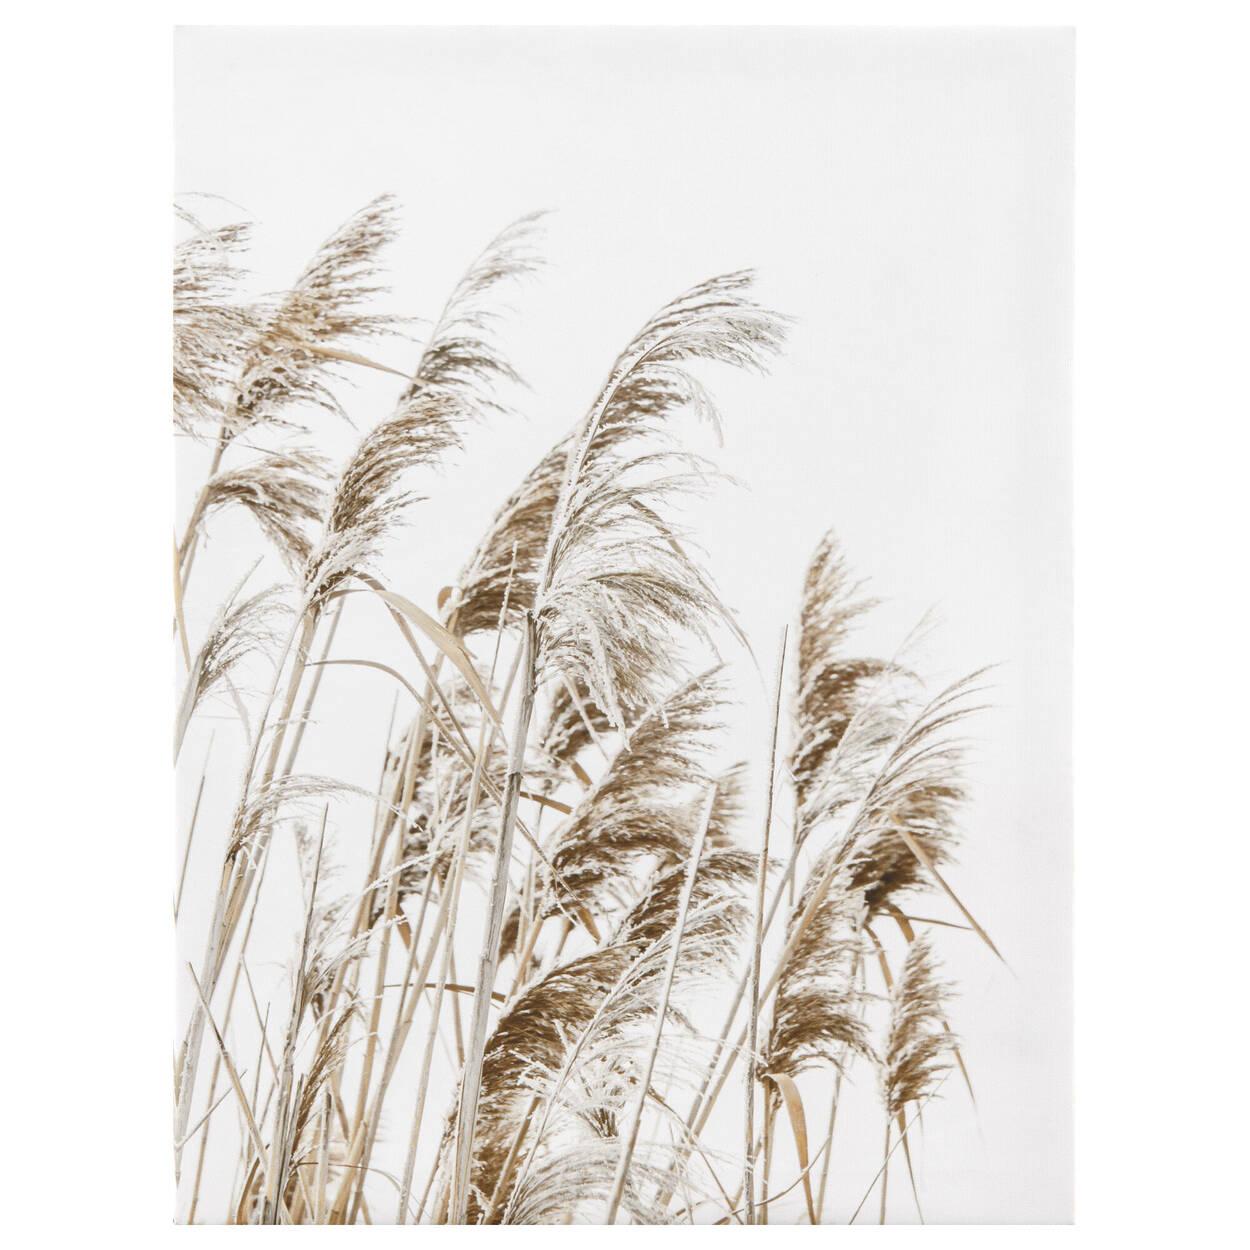 Tableau imprimé d'un champ de blé